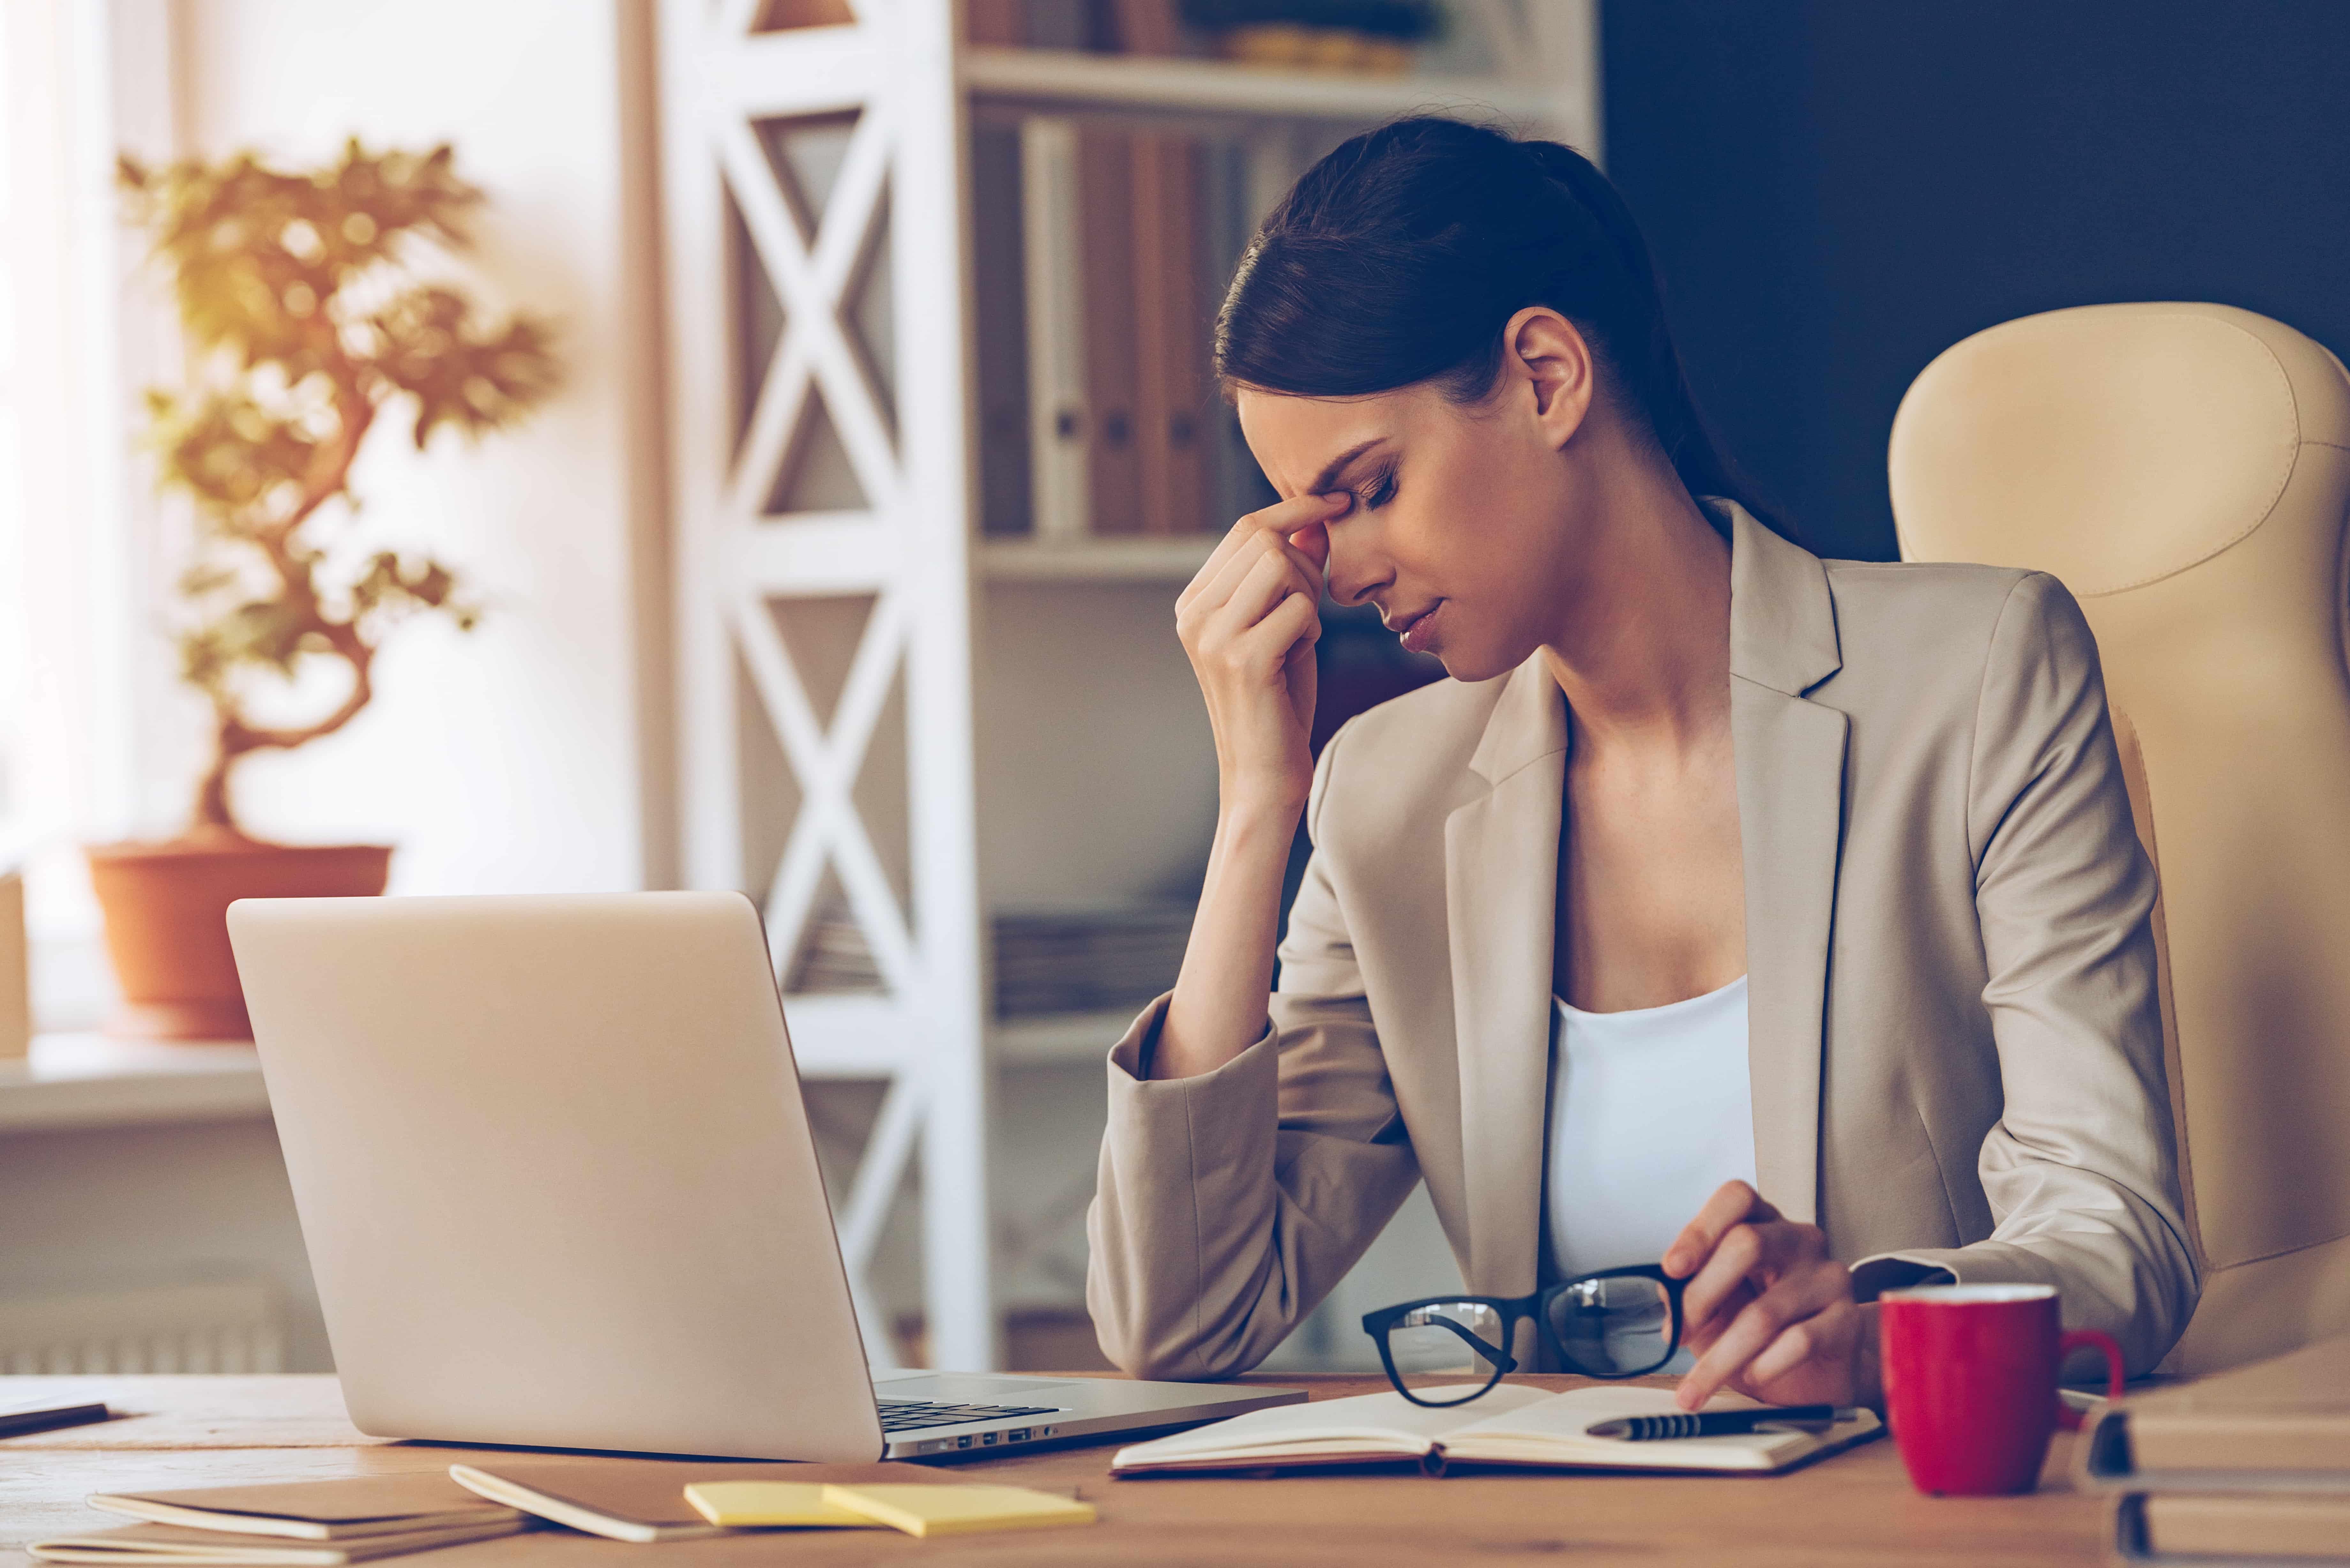 Снижение работоспособности. Признаки снижения работоспособности и причины